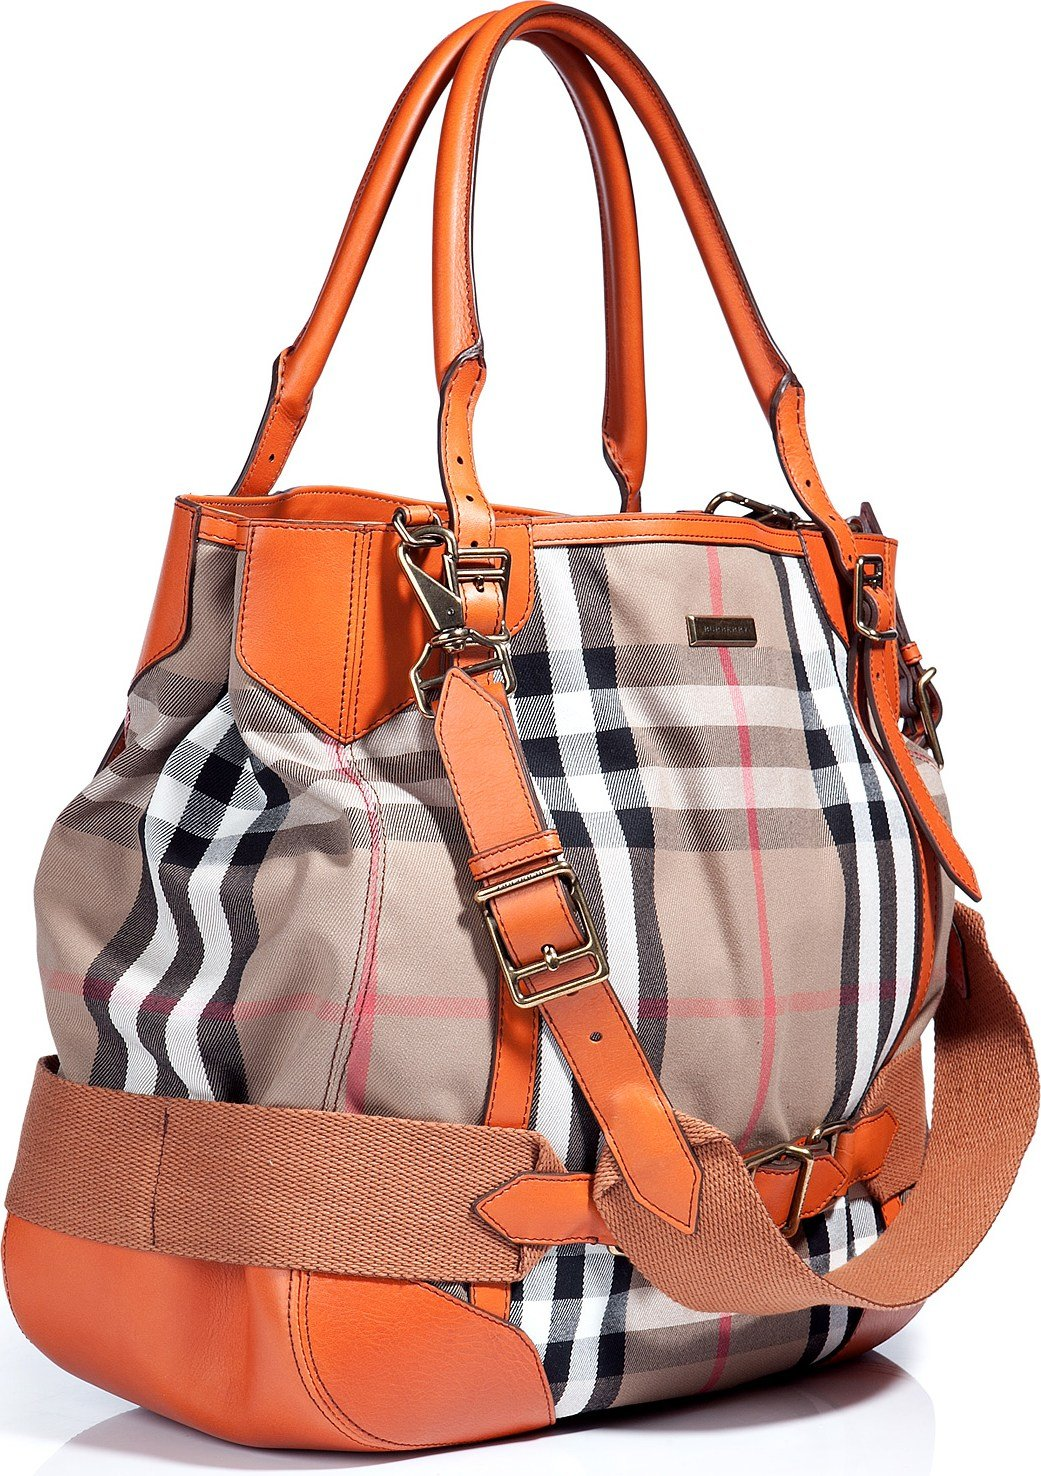 Burberry Handtaschen Fälschungen erkennen